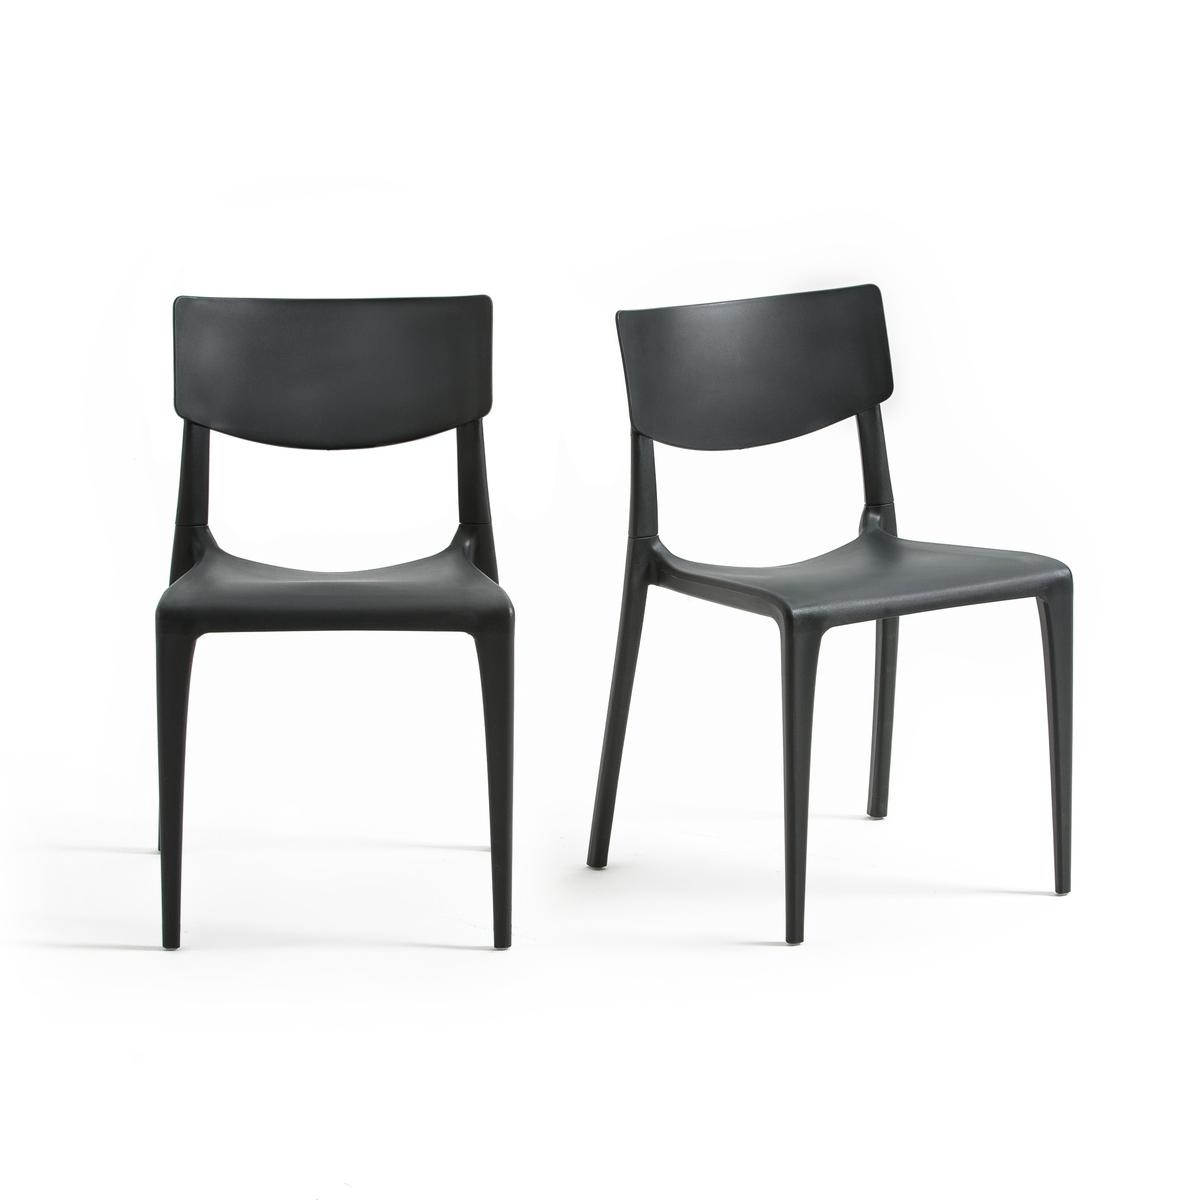 Комплект из 2 стульев для сада ROBICO комплект для сада bahama